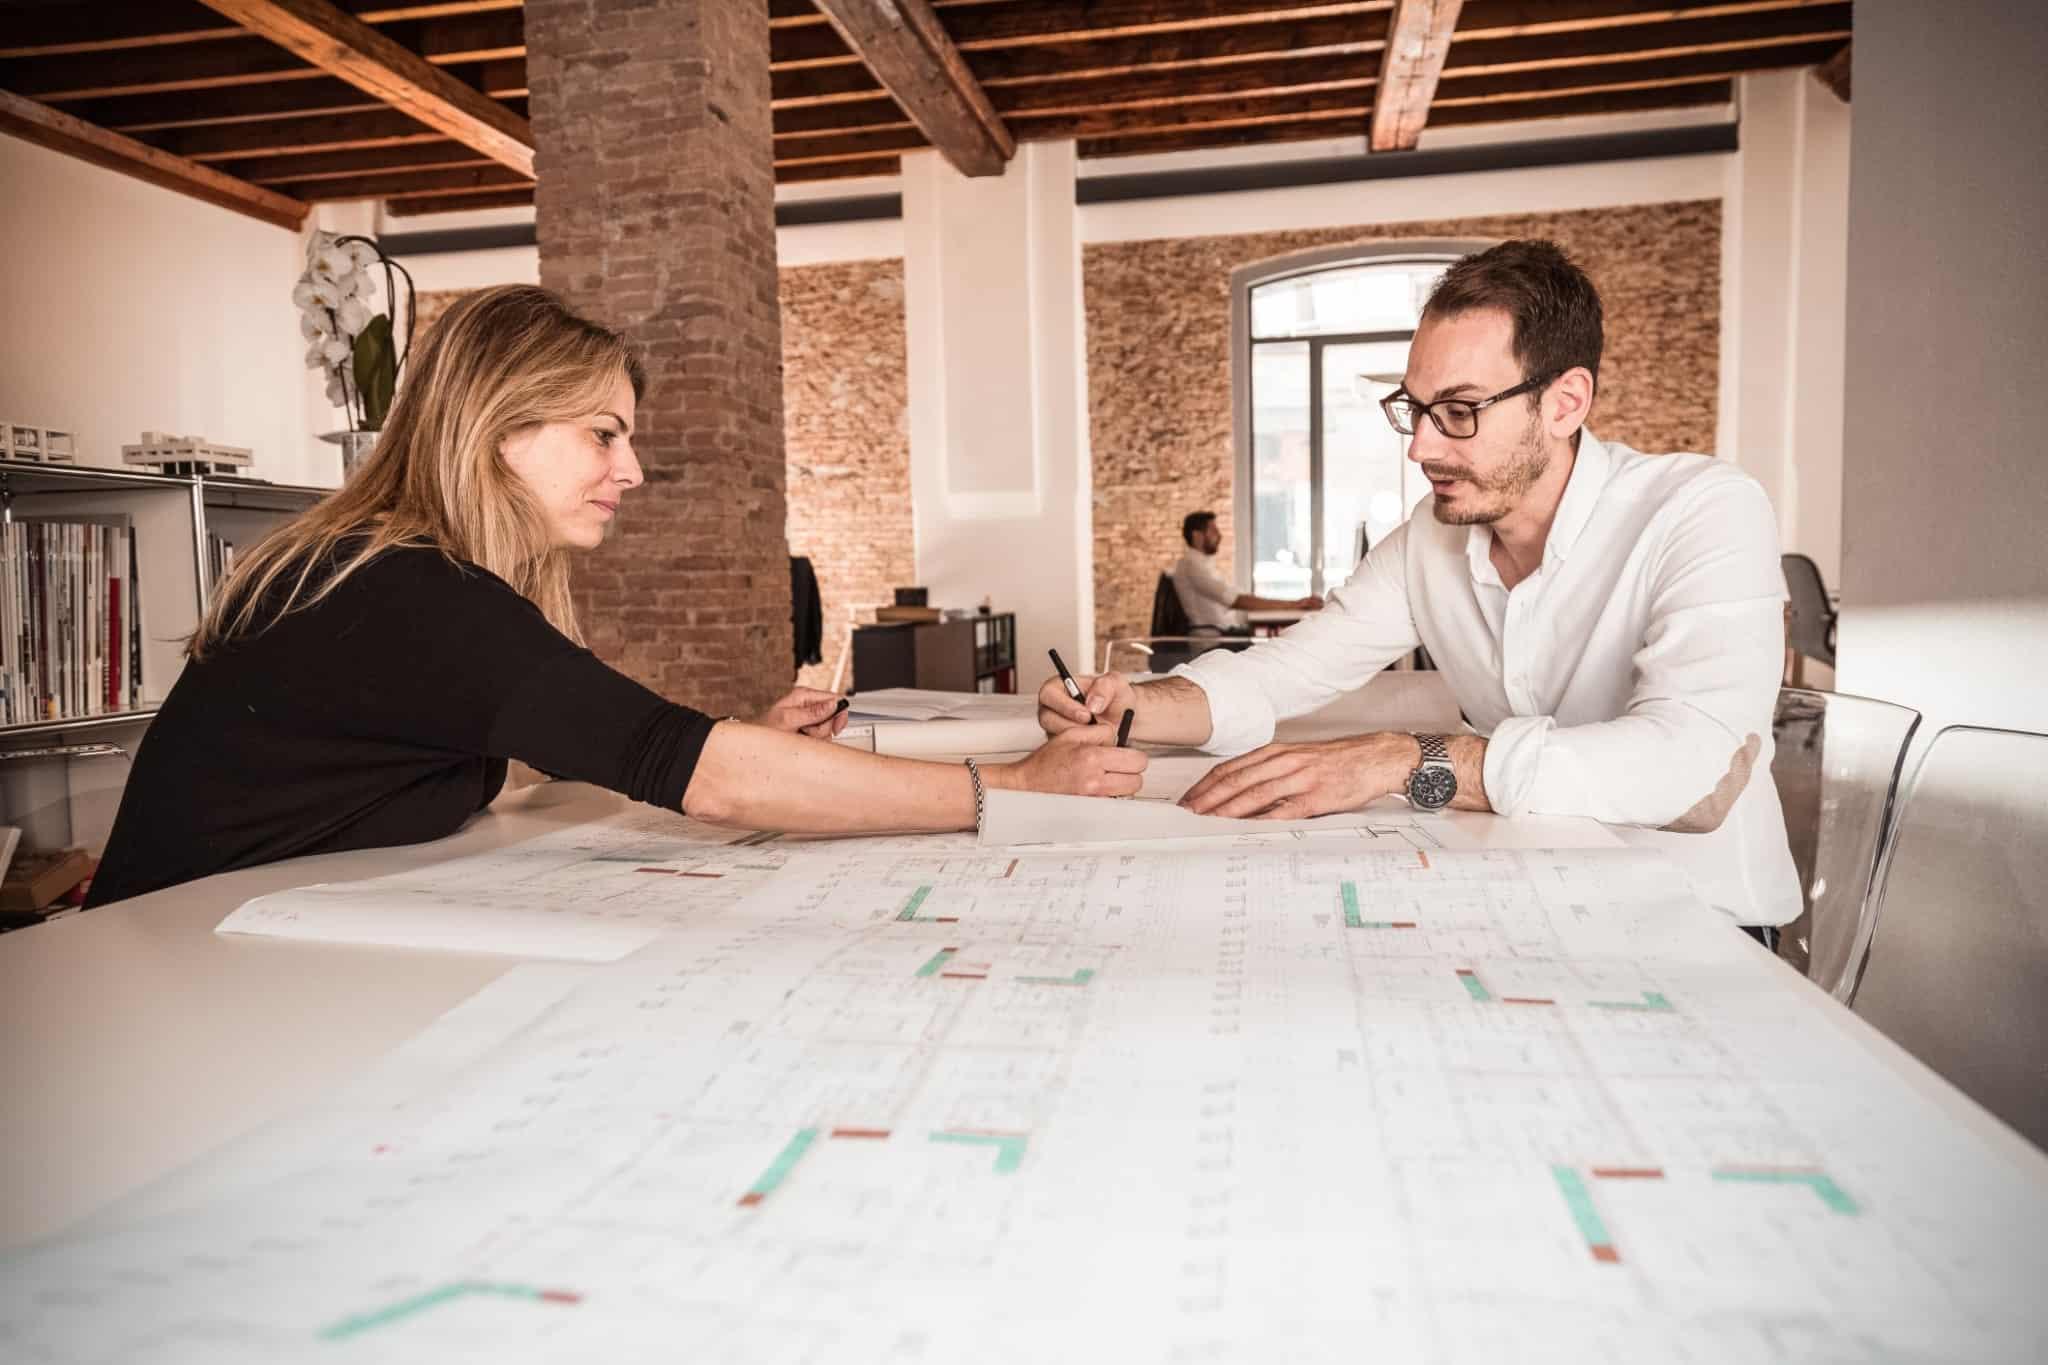 dois arquitectos a trabalhar num projecto em cima de uma mesa